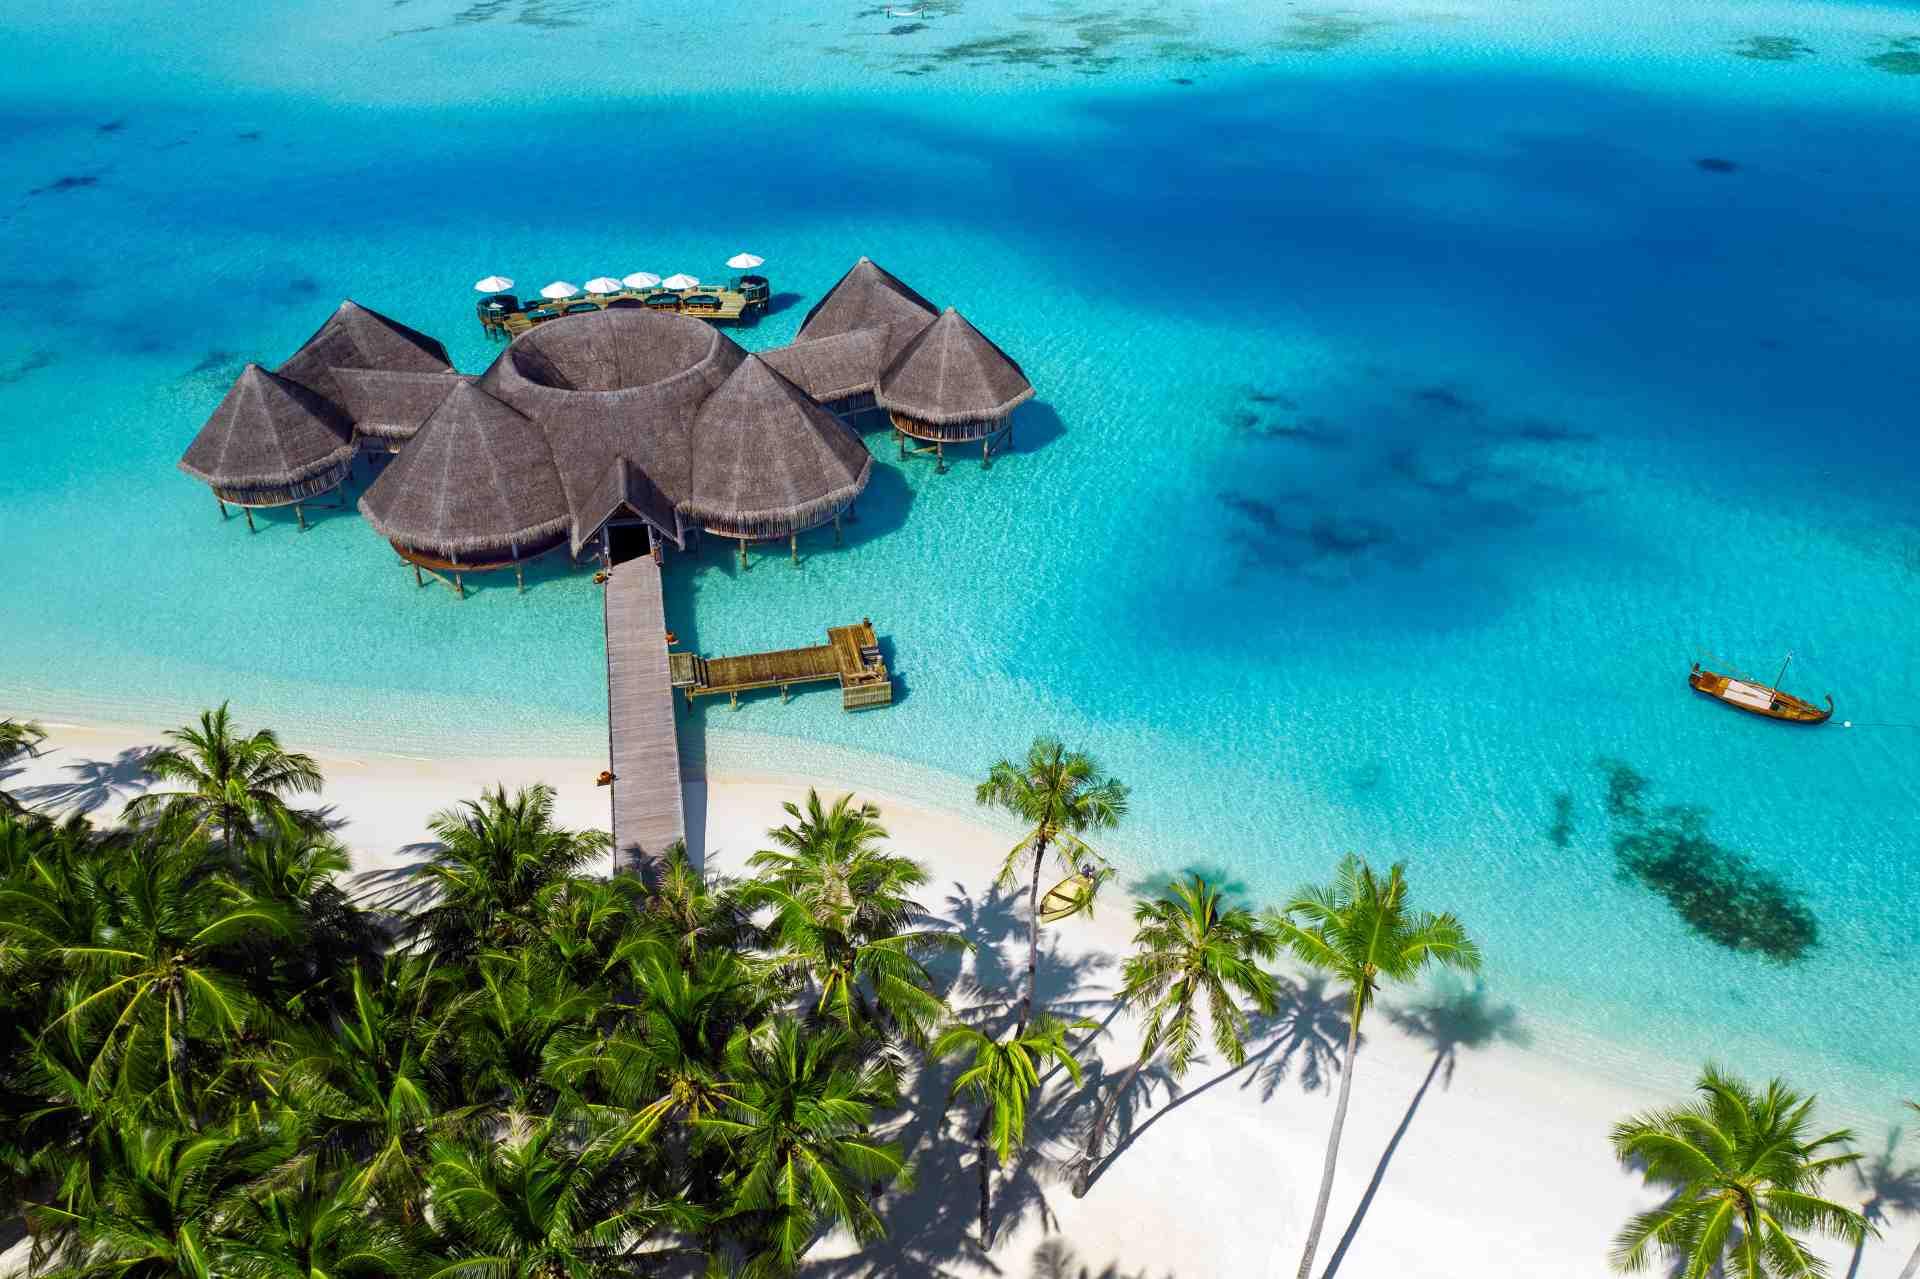 Öko-Resort Gili Lankanfushi aus der Luft